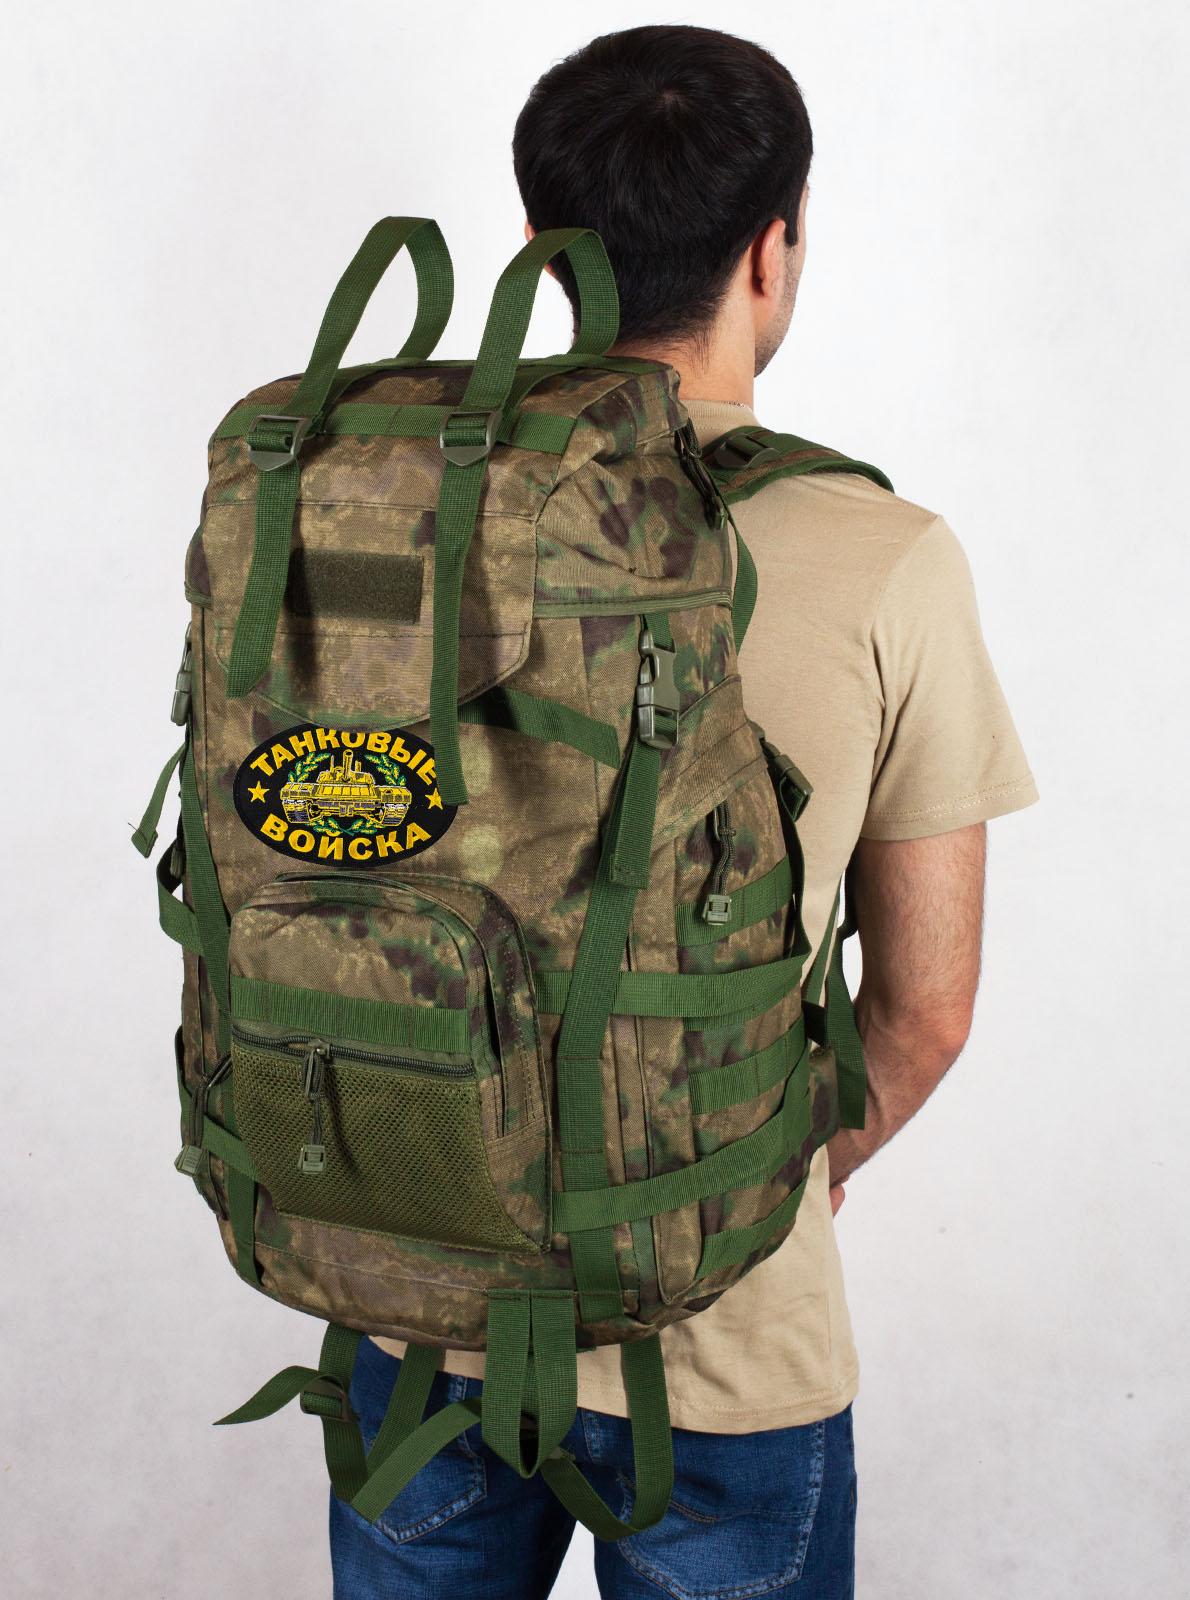 Эргономичный заплечный рюкзак с нашивкой Танковые Войска - купить в подарок